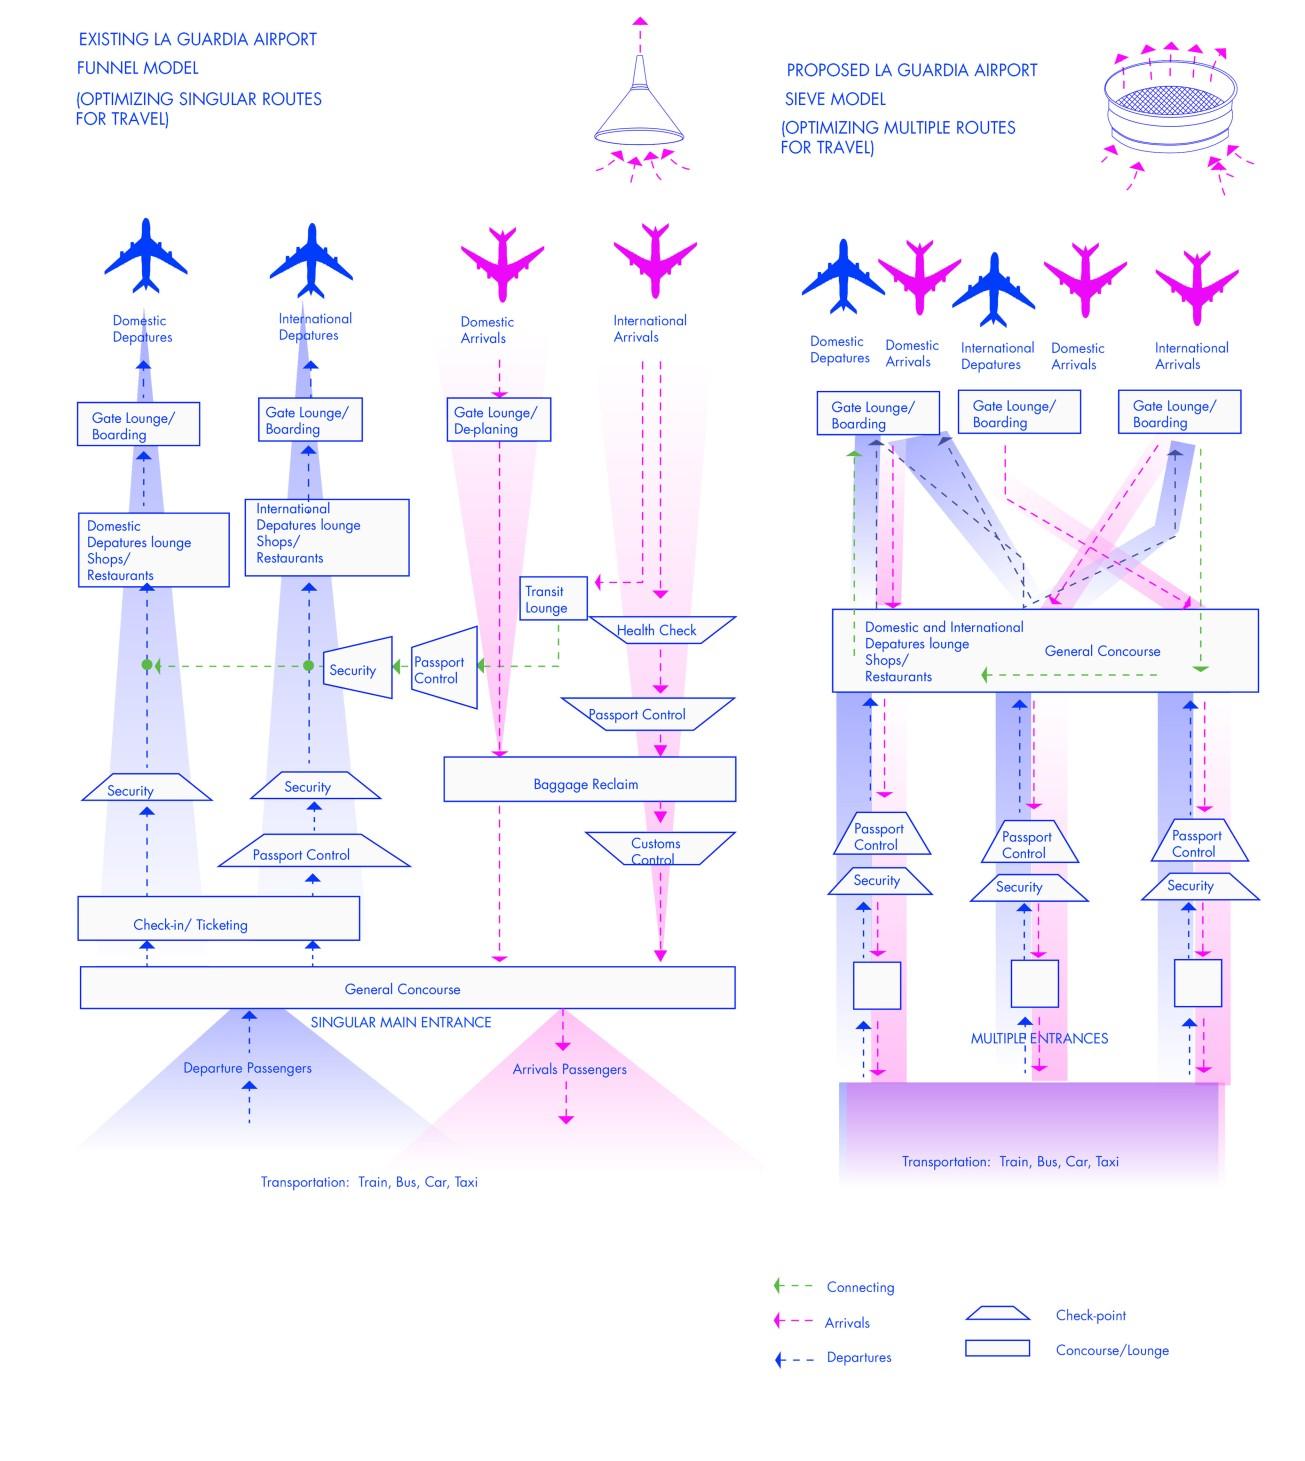 A662_W17_oluhill_02_02_Diagram sheet